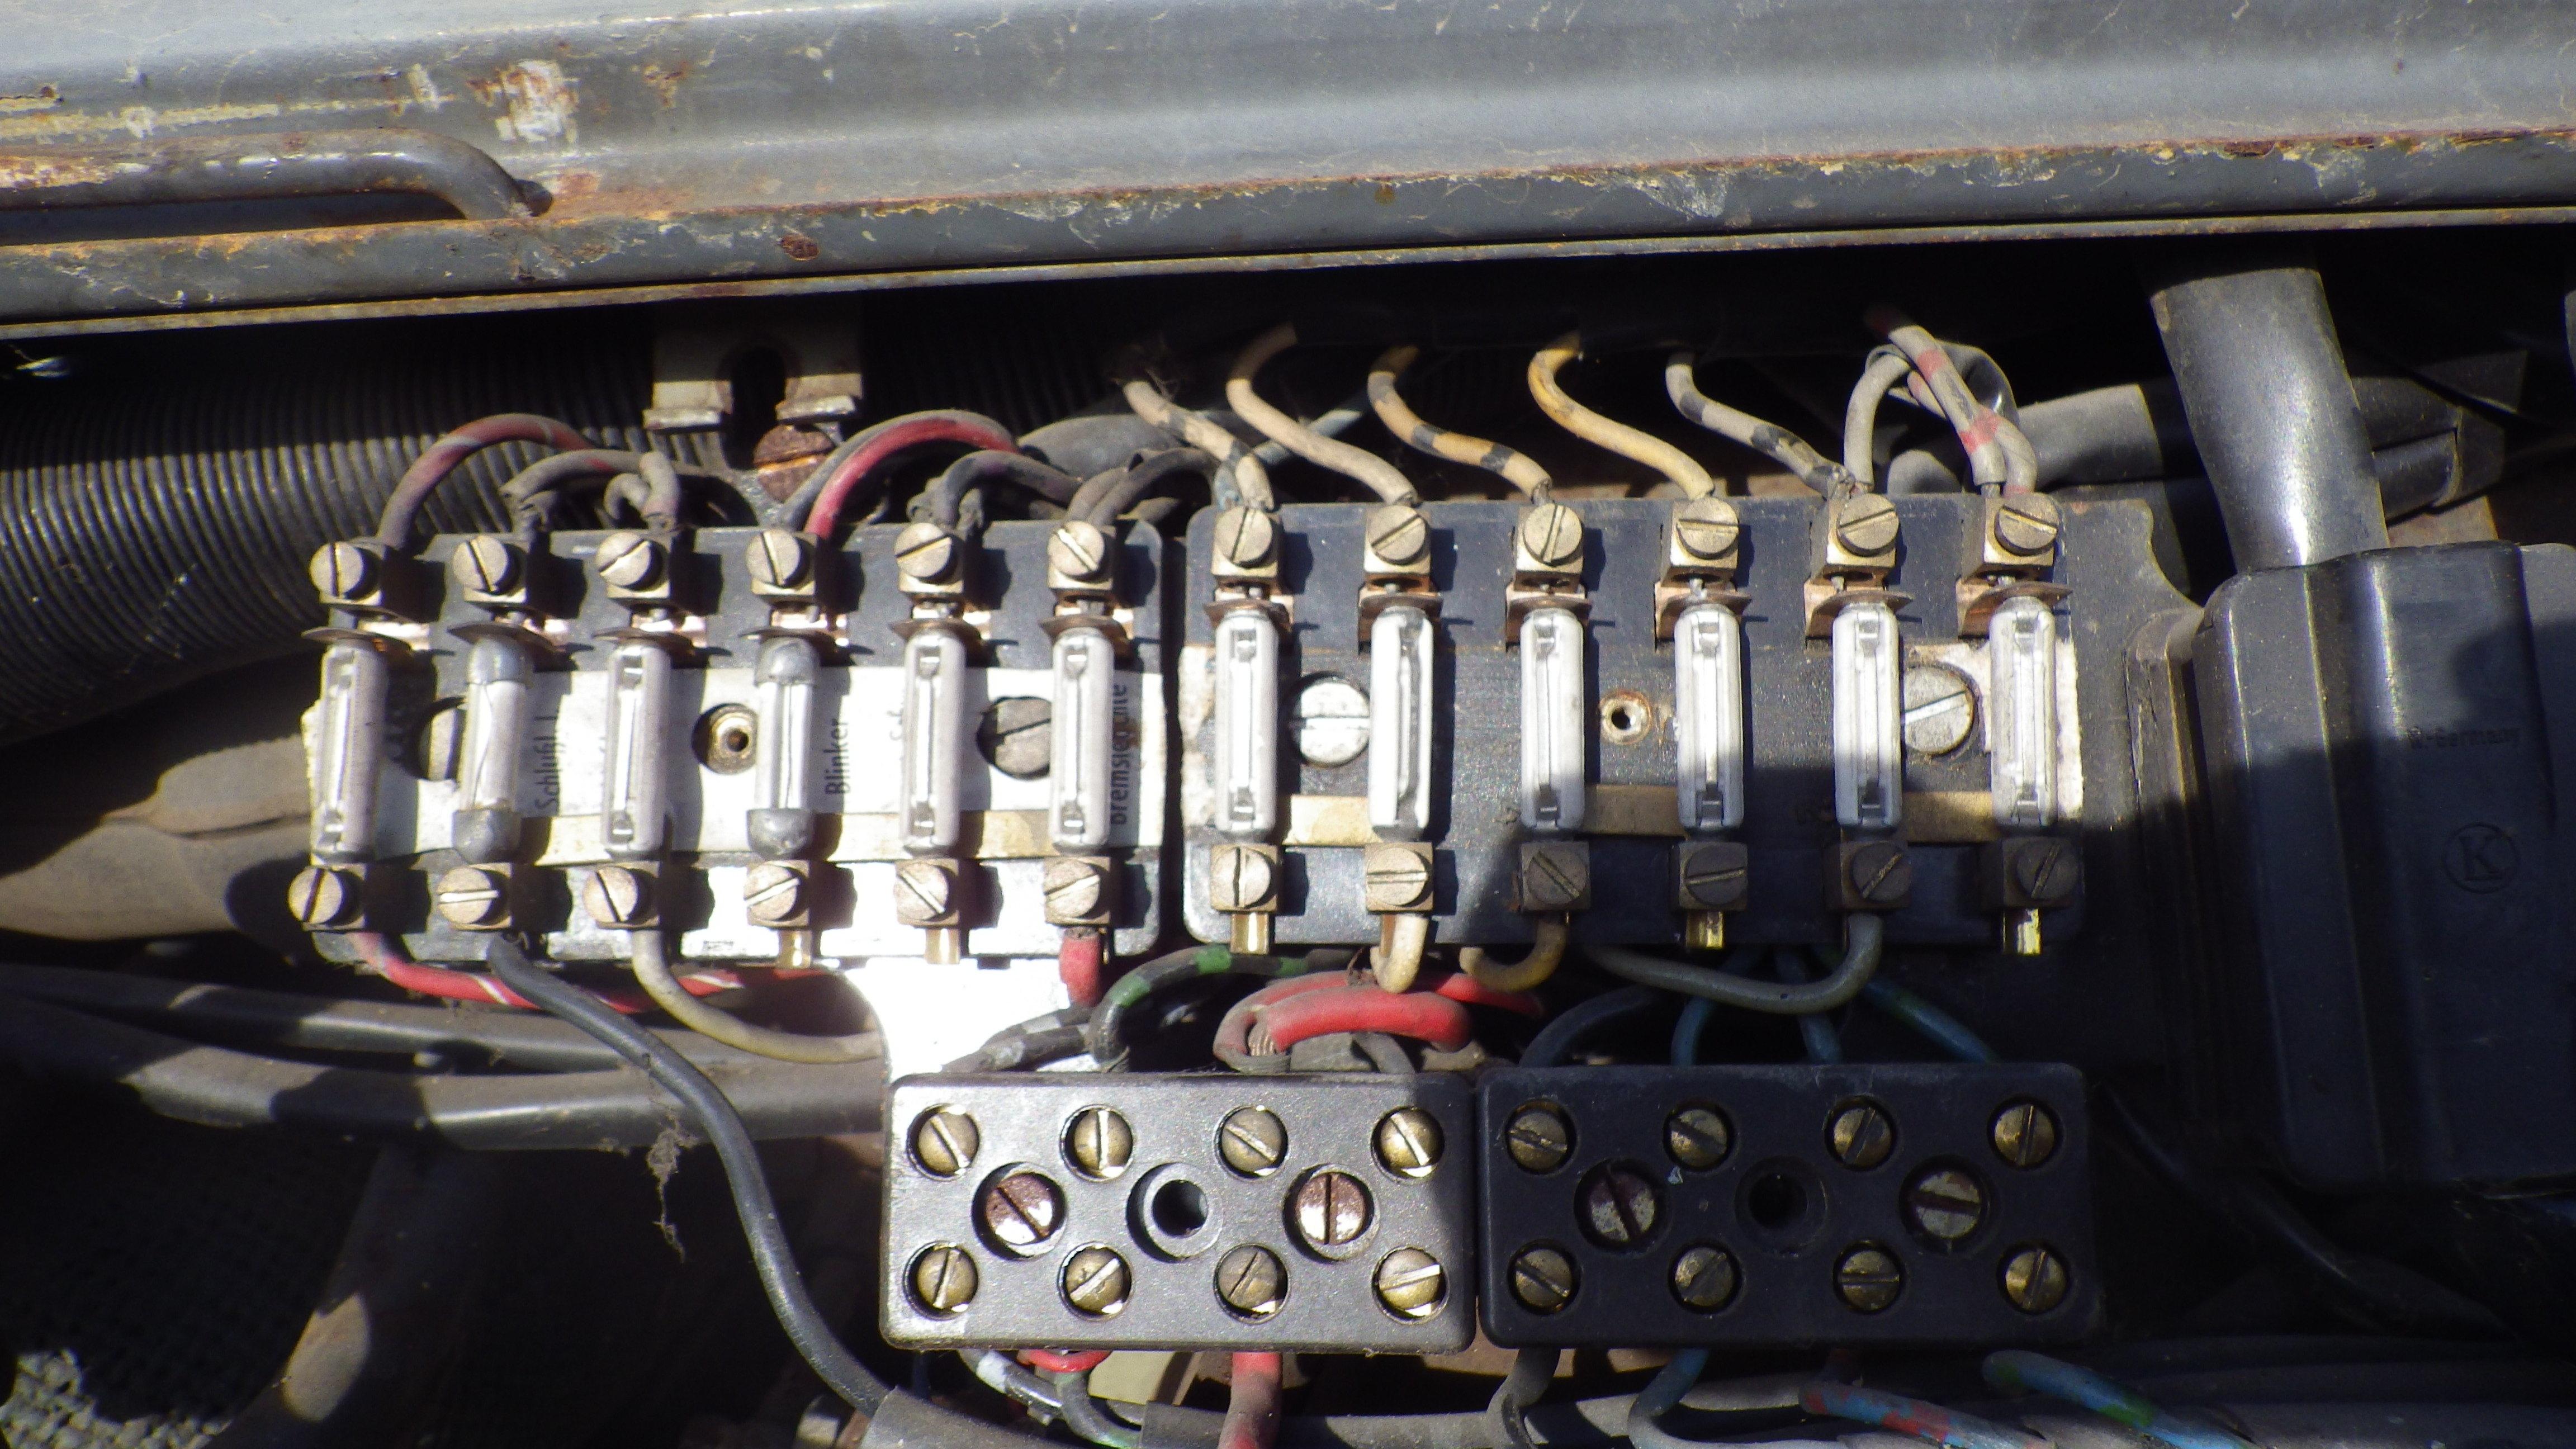 restauration du mog 406 de chenapan52 - Page 3 850352IMGP0096